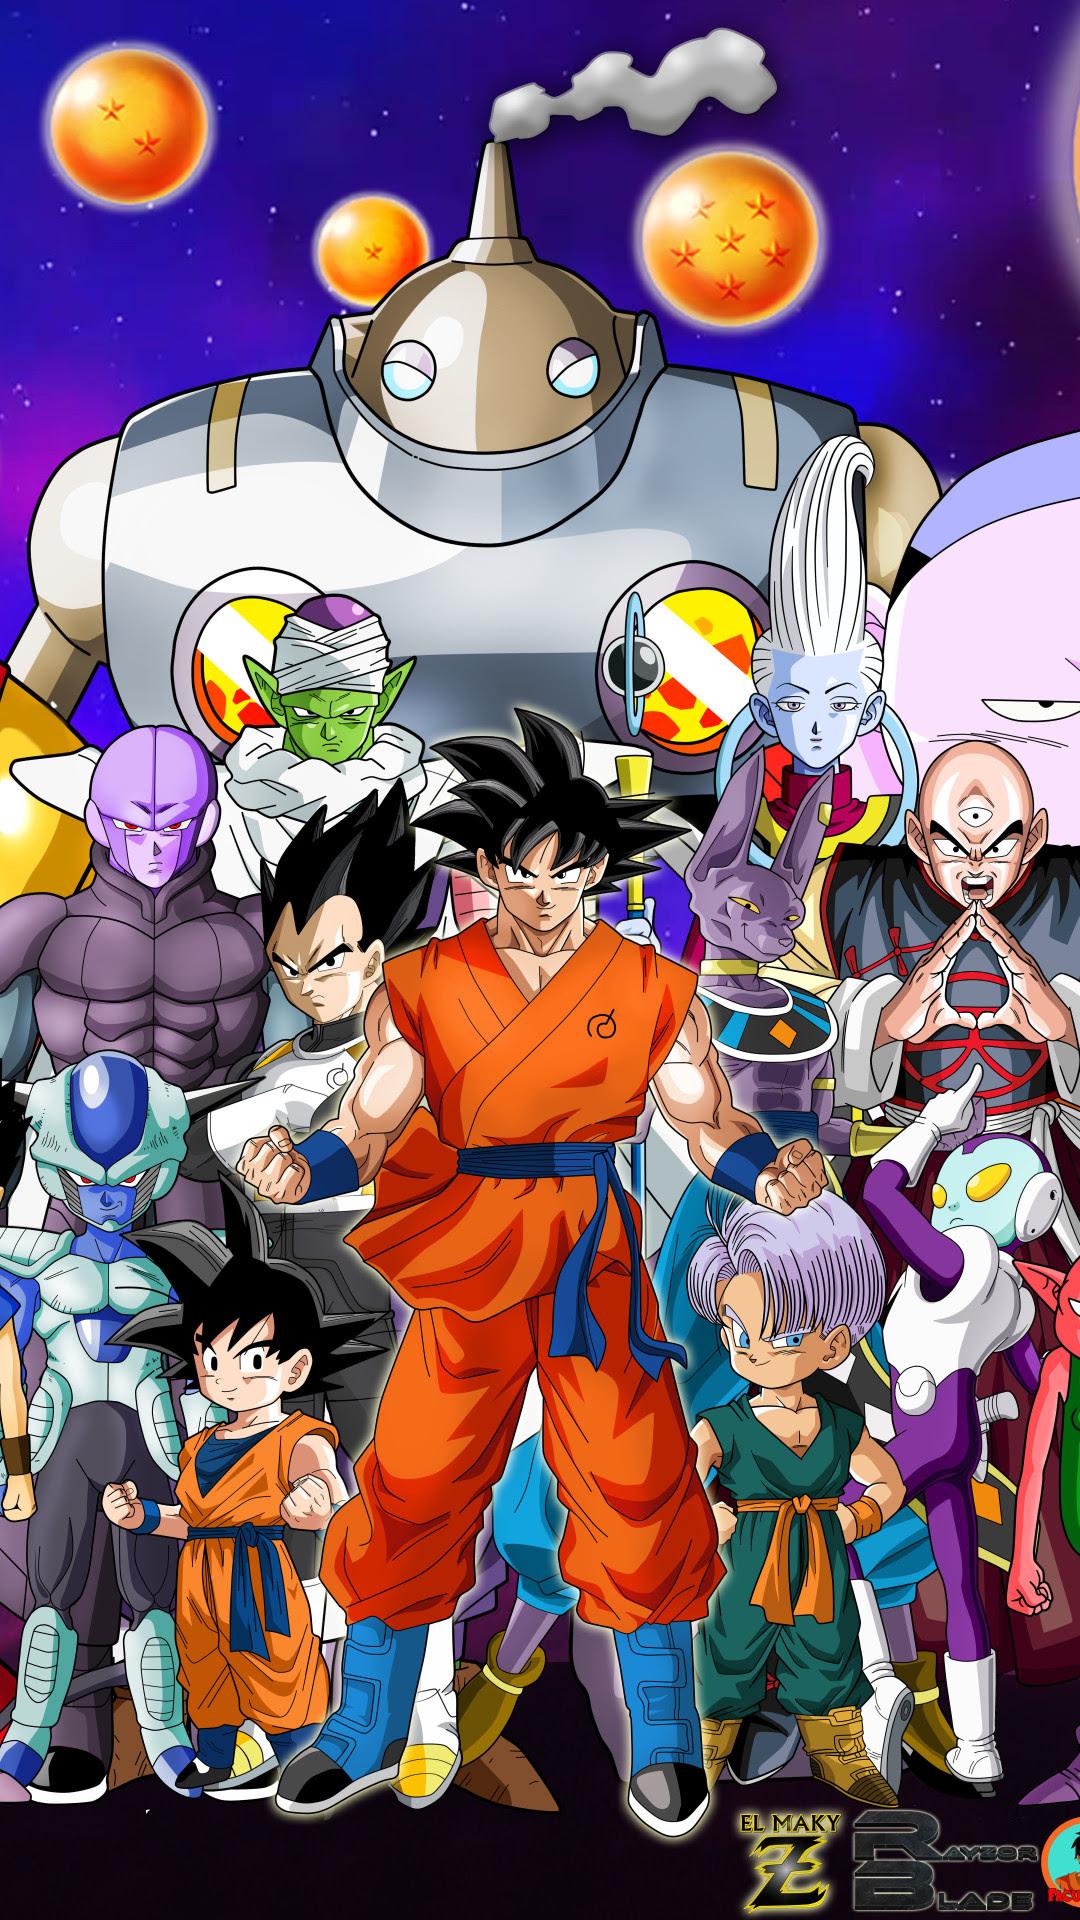 Dragon Ball Super Wallpaper HD 53+ images